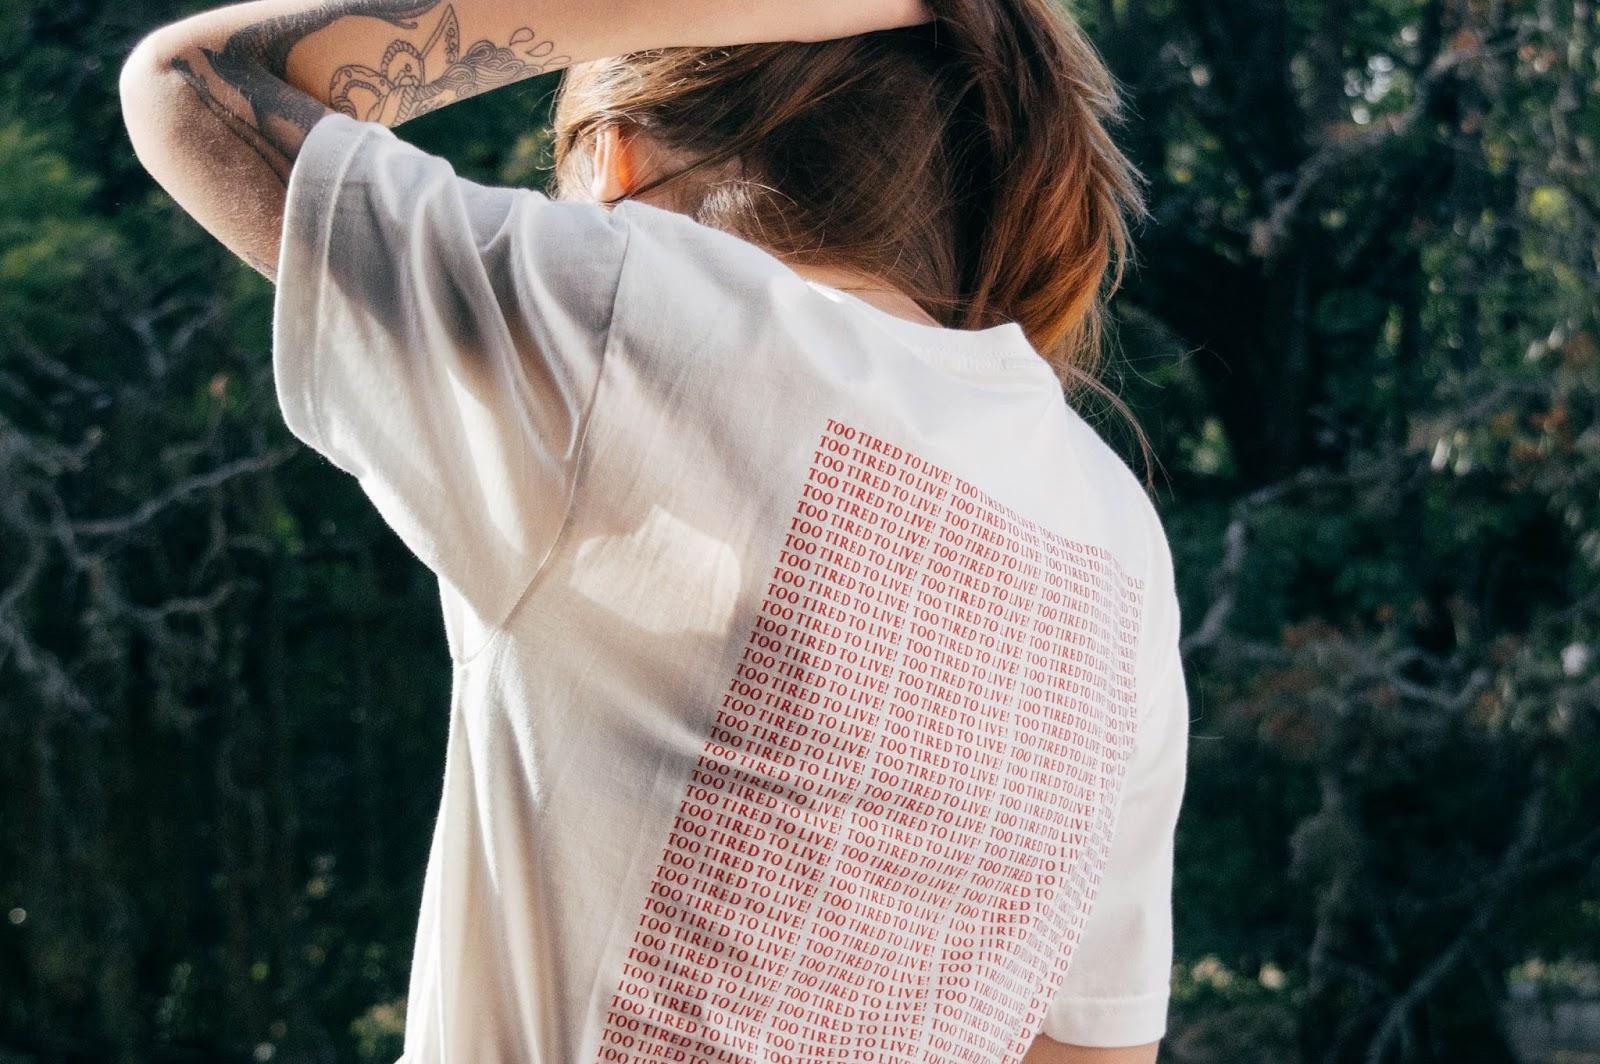 estrellar sad romance streetwear brasil 03 - Estrellar aposta em coleção entre amor e ódio